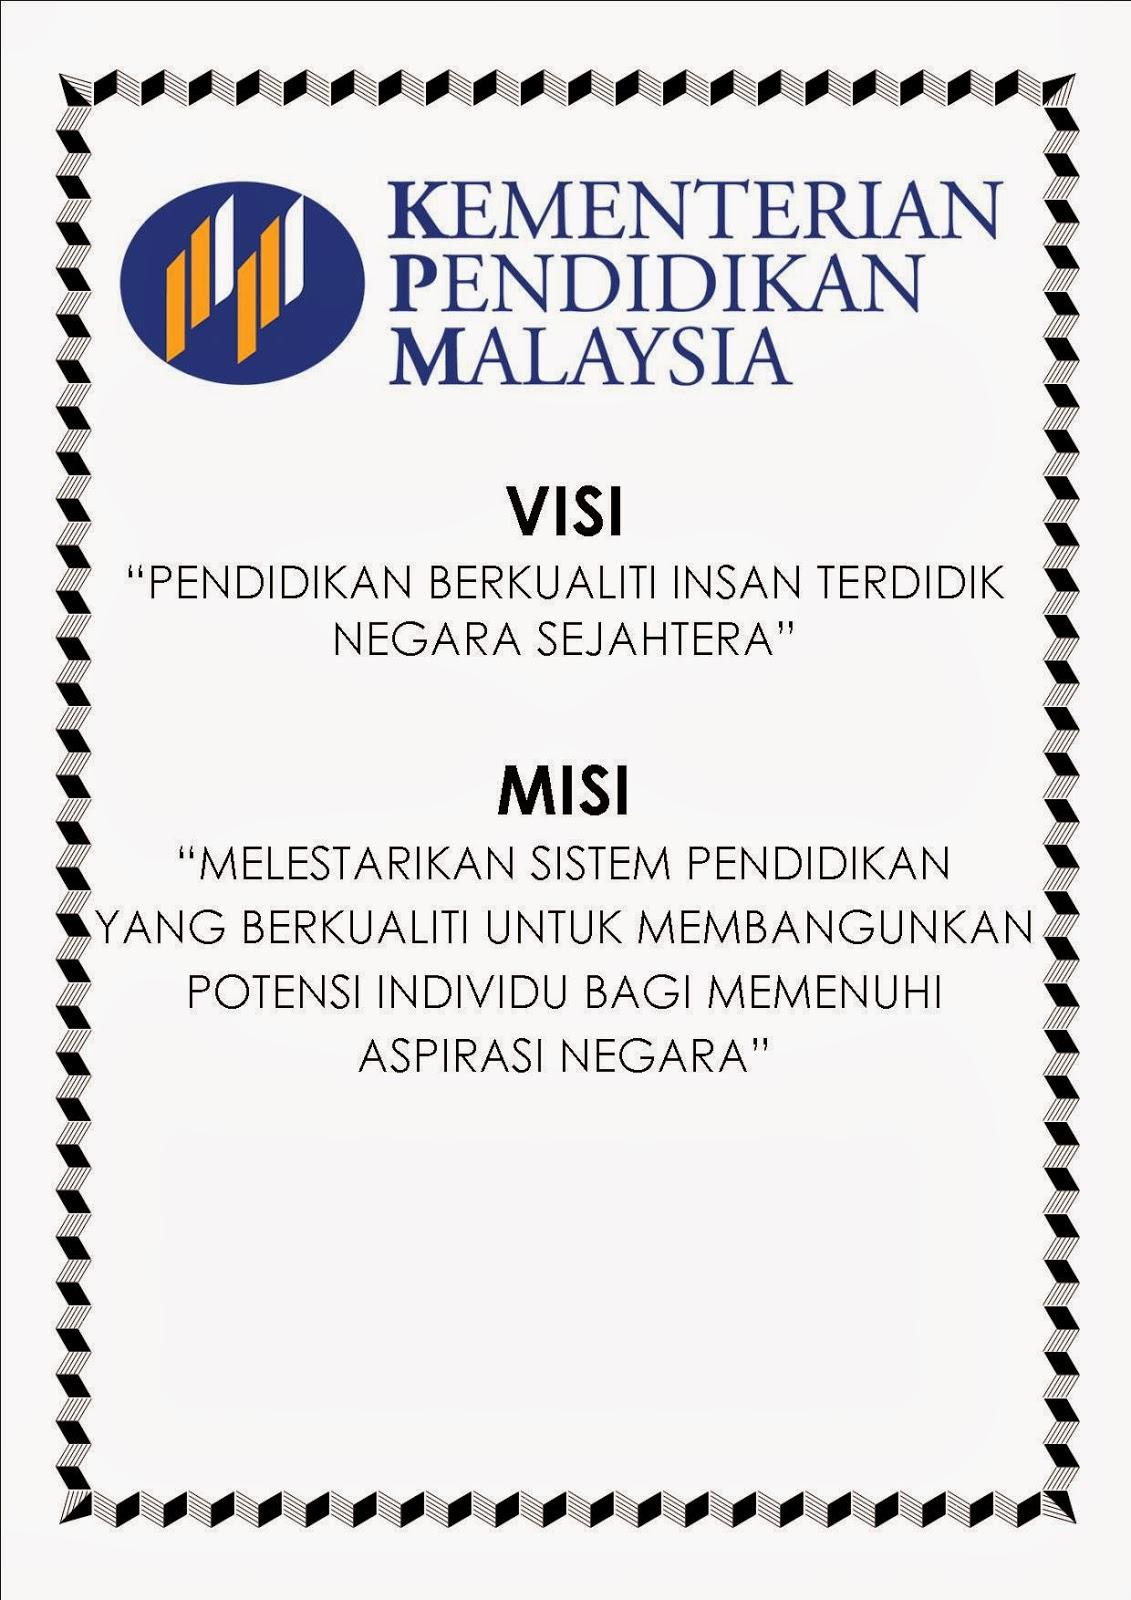 Sekolah Kebangsaan Kampung Kuala Pajam Motto Visi Misi